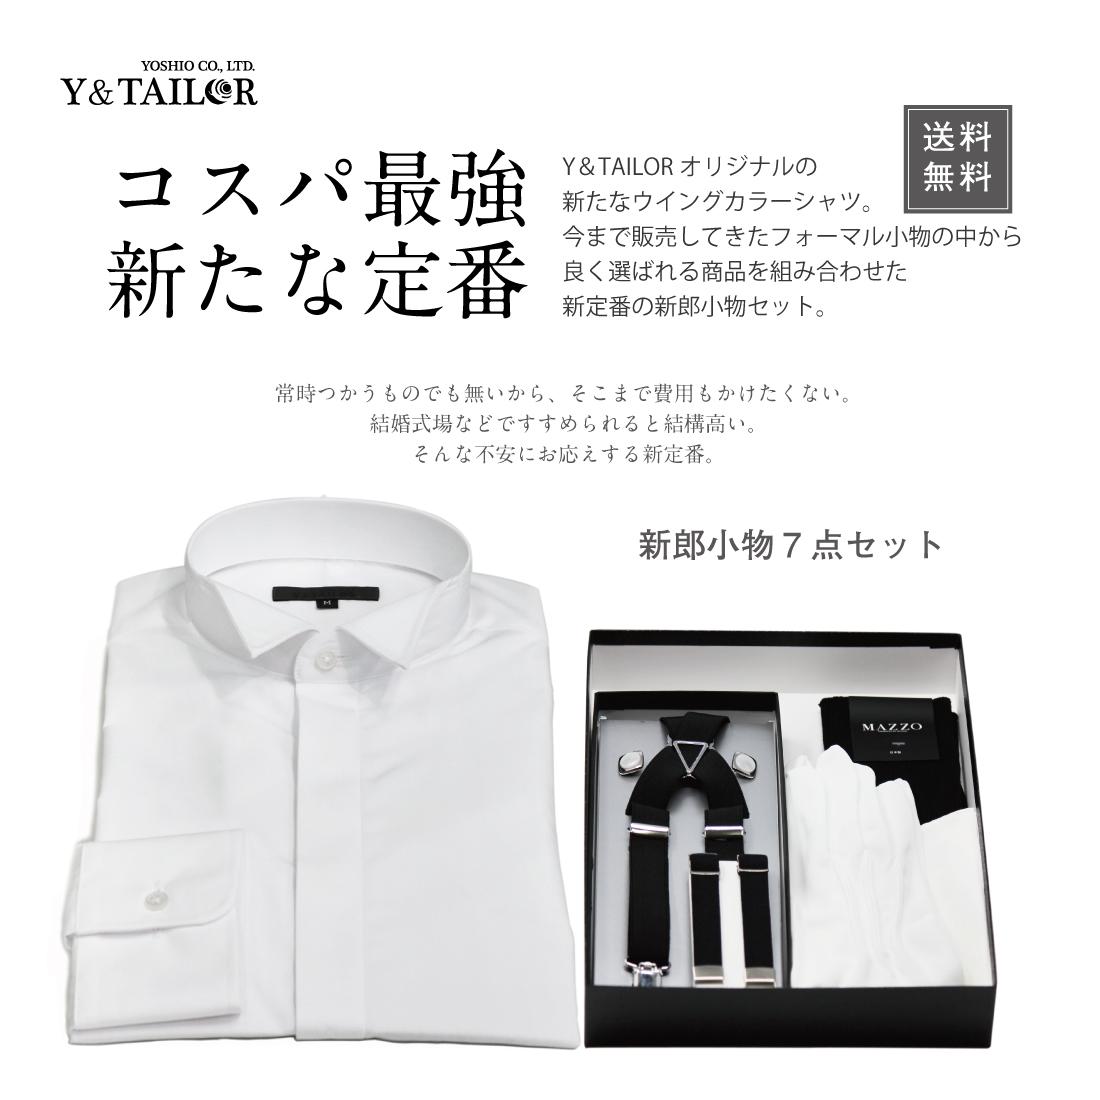 新郎セット 小物 シャツ付き 7点セット